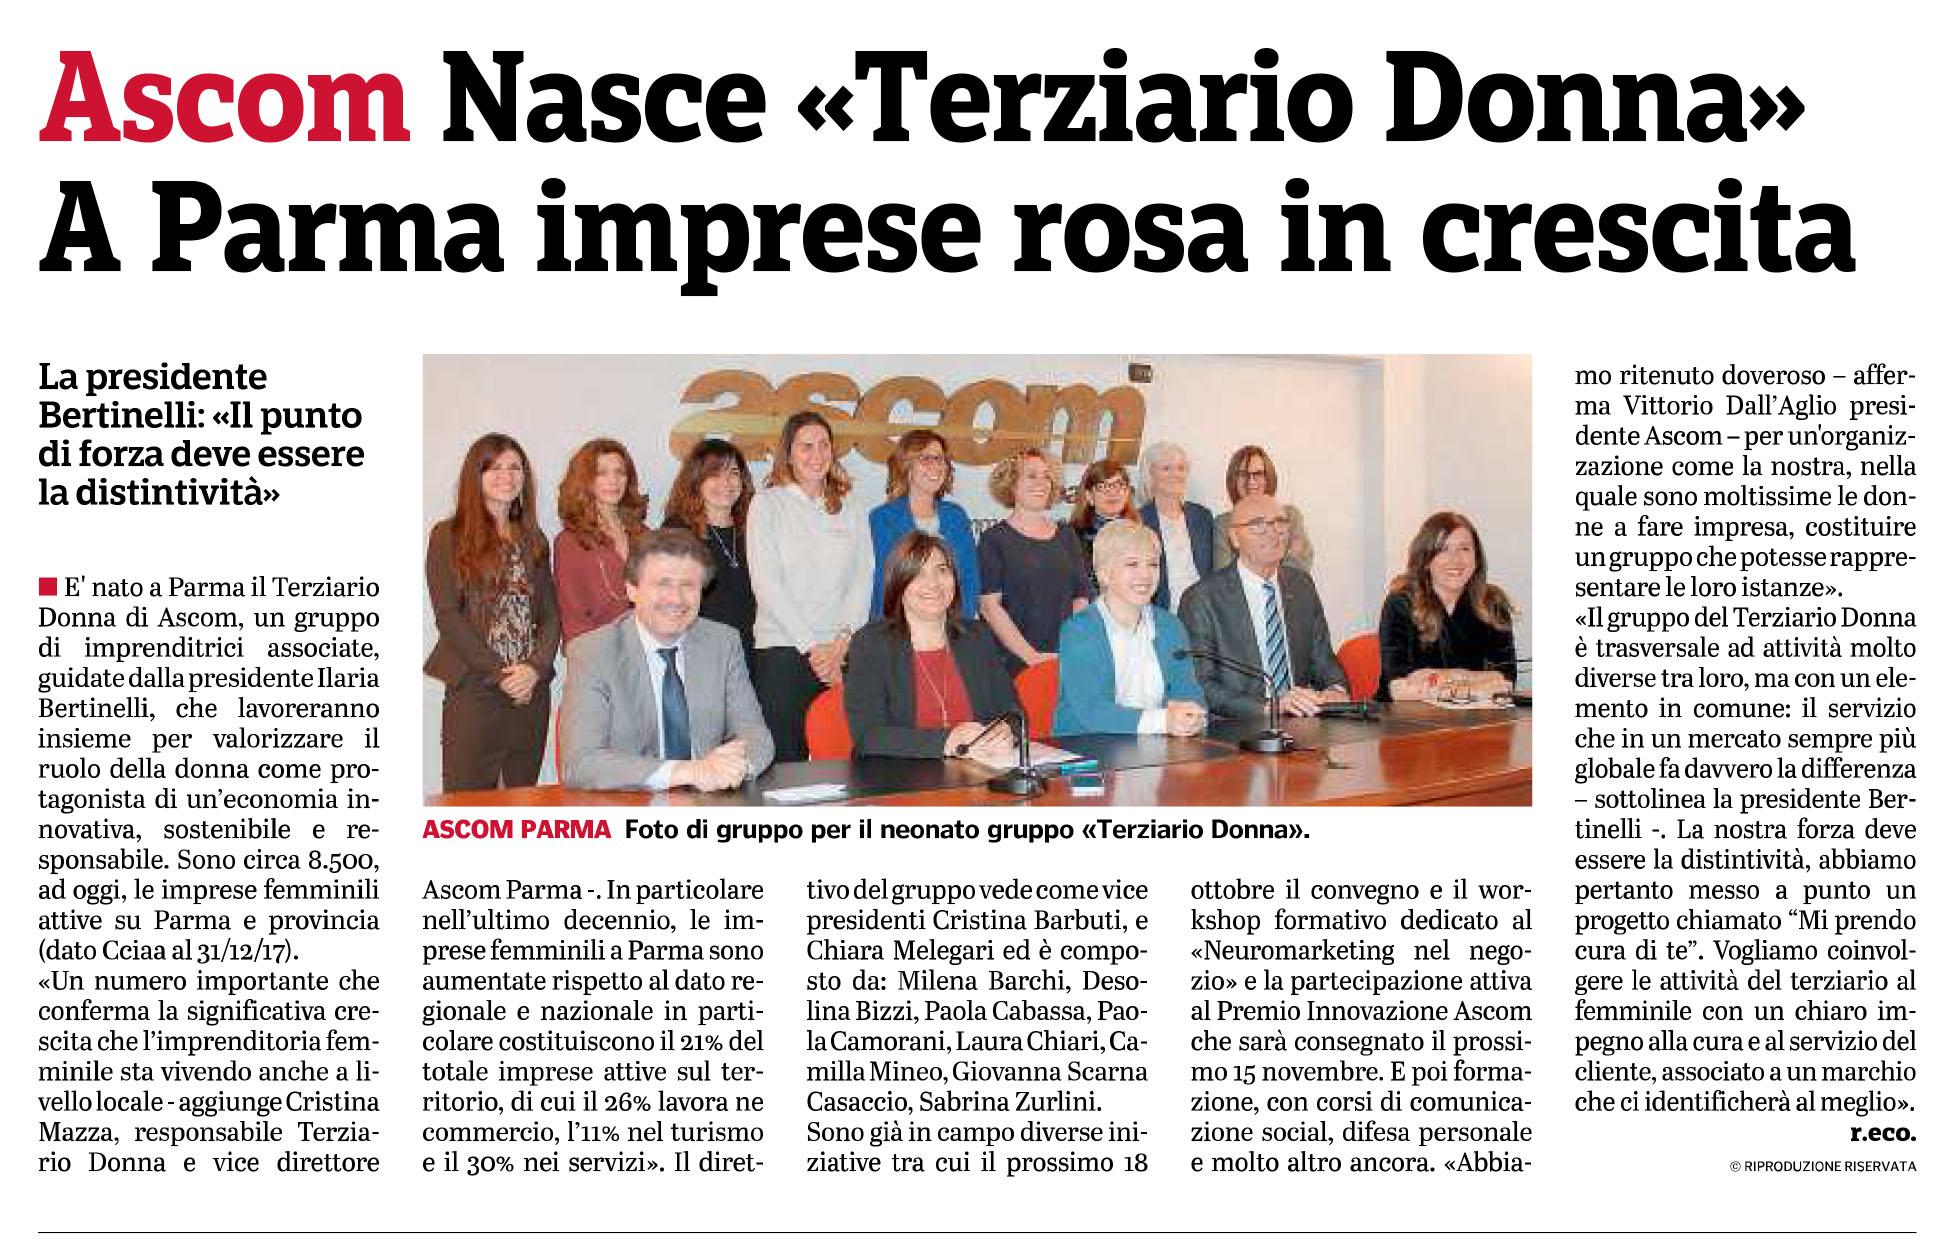 Gazzetta_11-10-2018_pag05_ascom_nasce_terziario_donna_e_start_cu